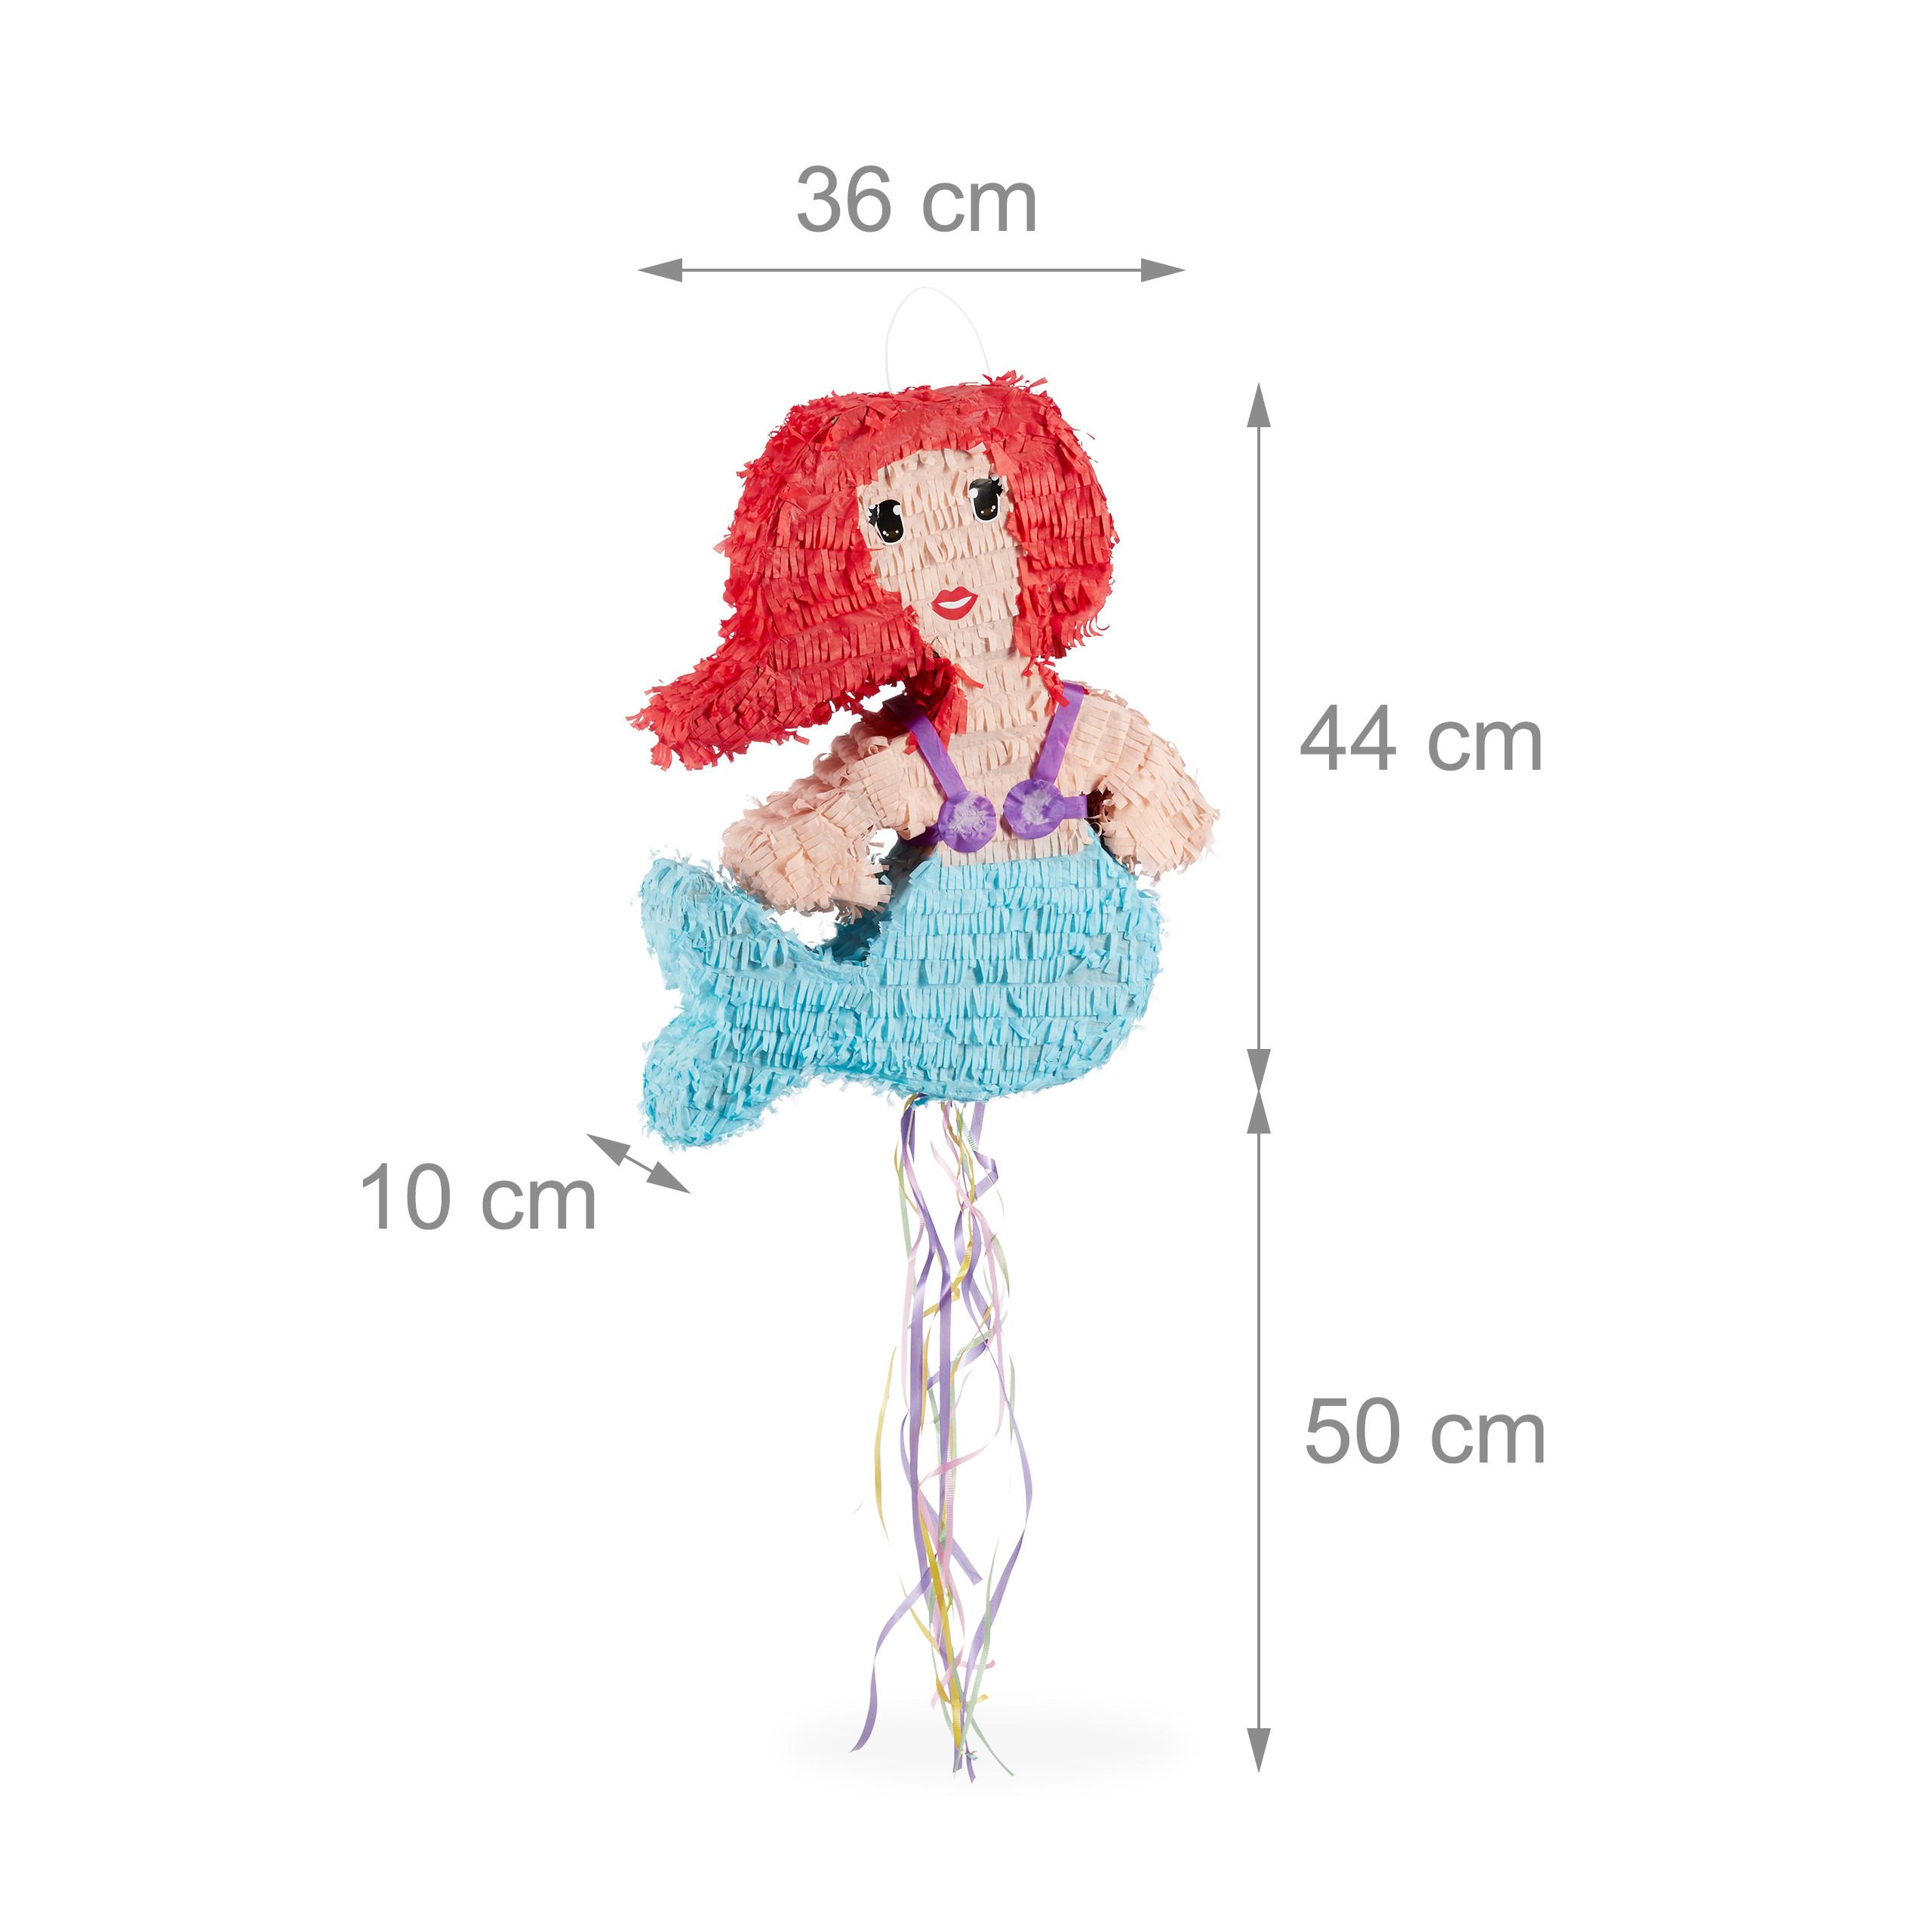 Ziehpinata Kinder Piñata Pinata Meerjungfrau Zugpinata Geburtstag Pullpinata